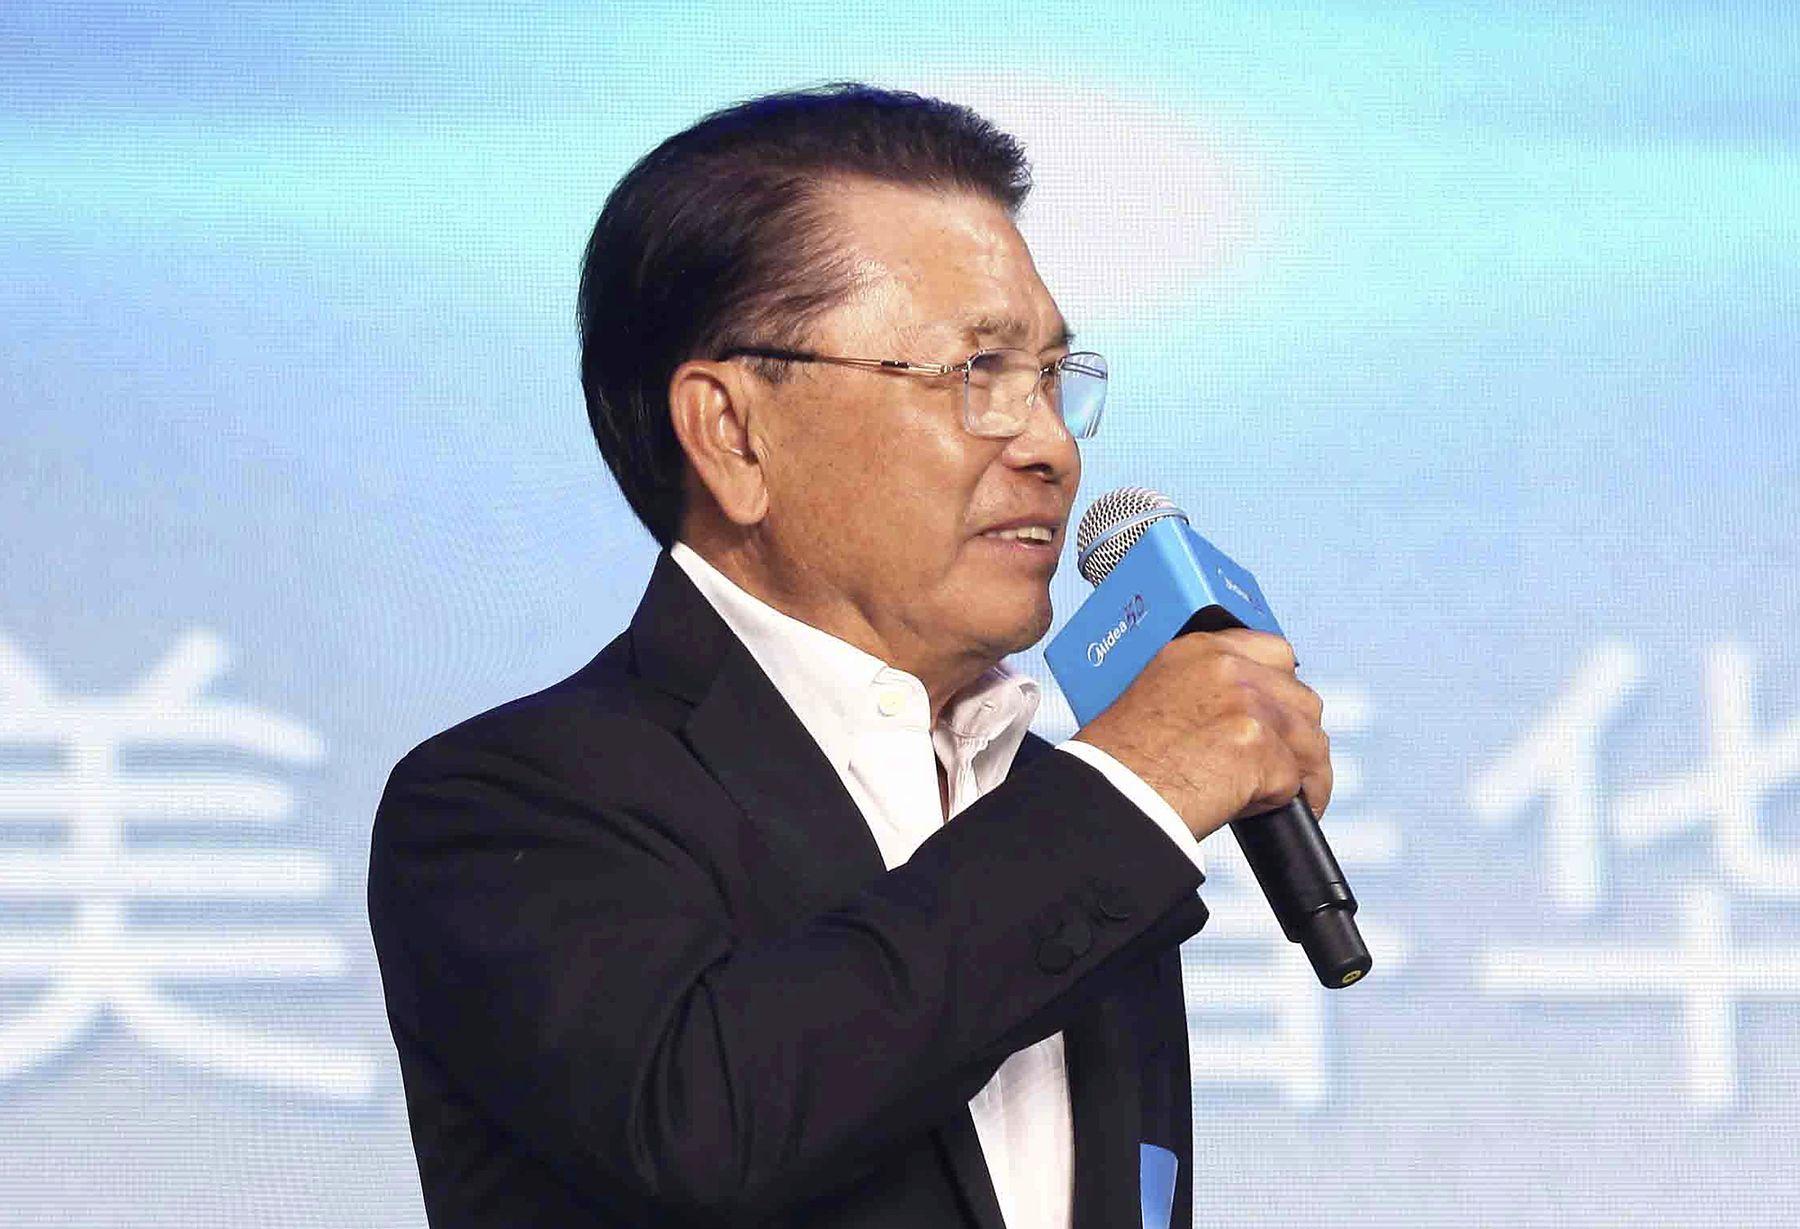 He Xiangjian giving a speech